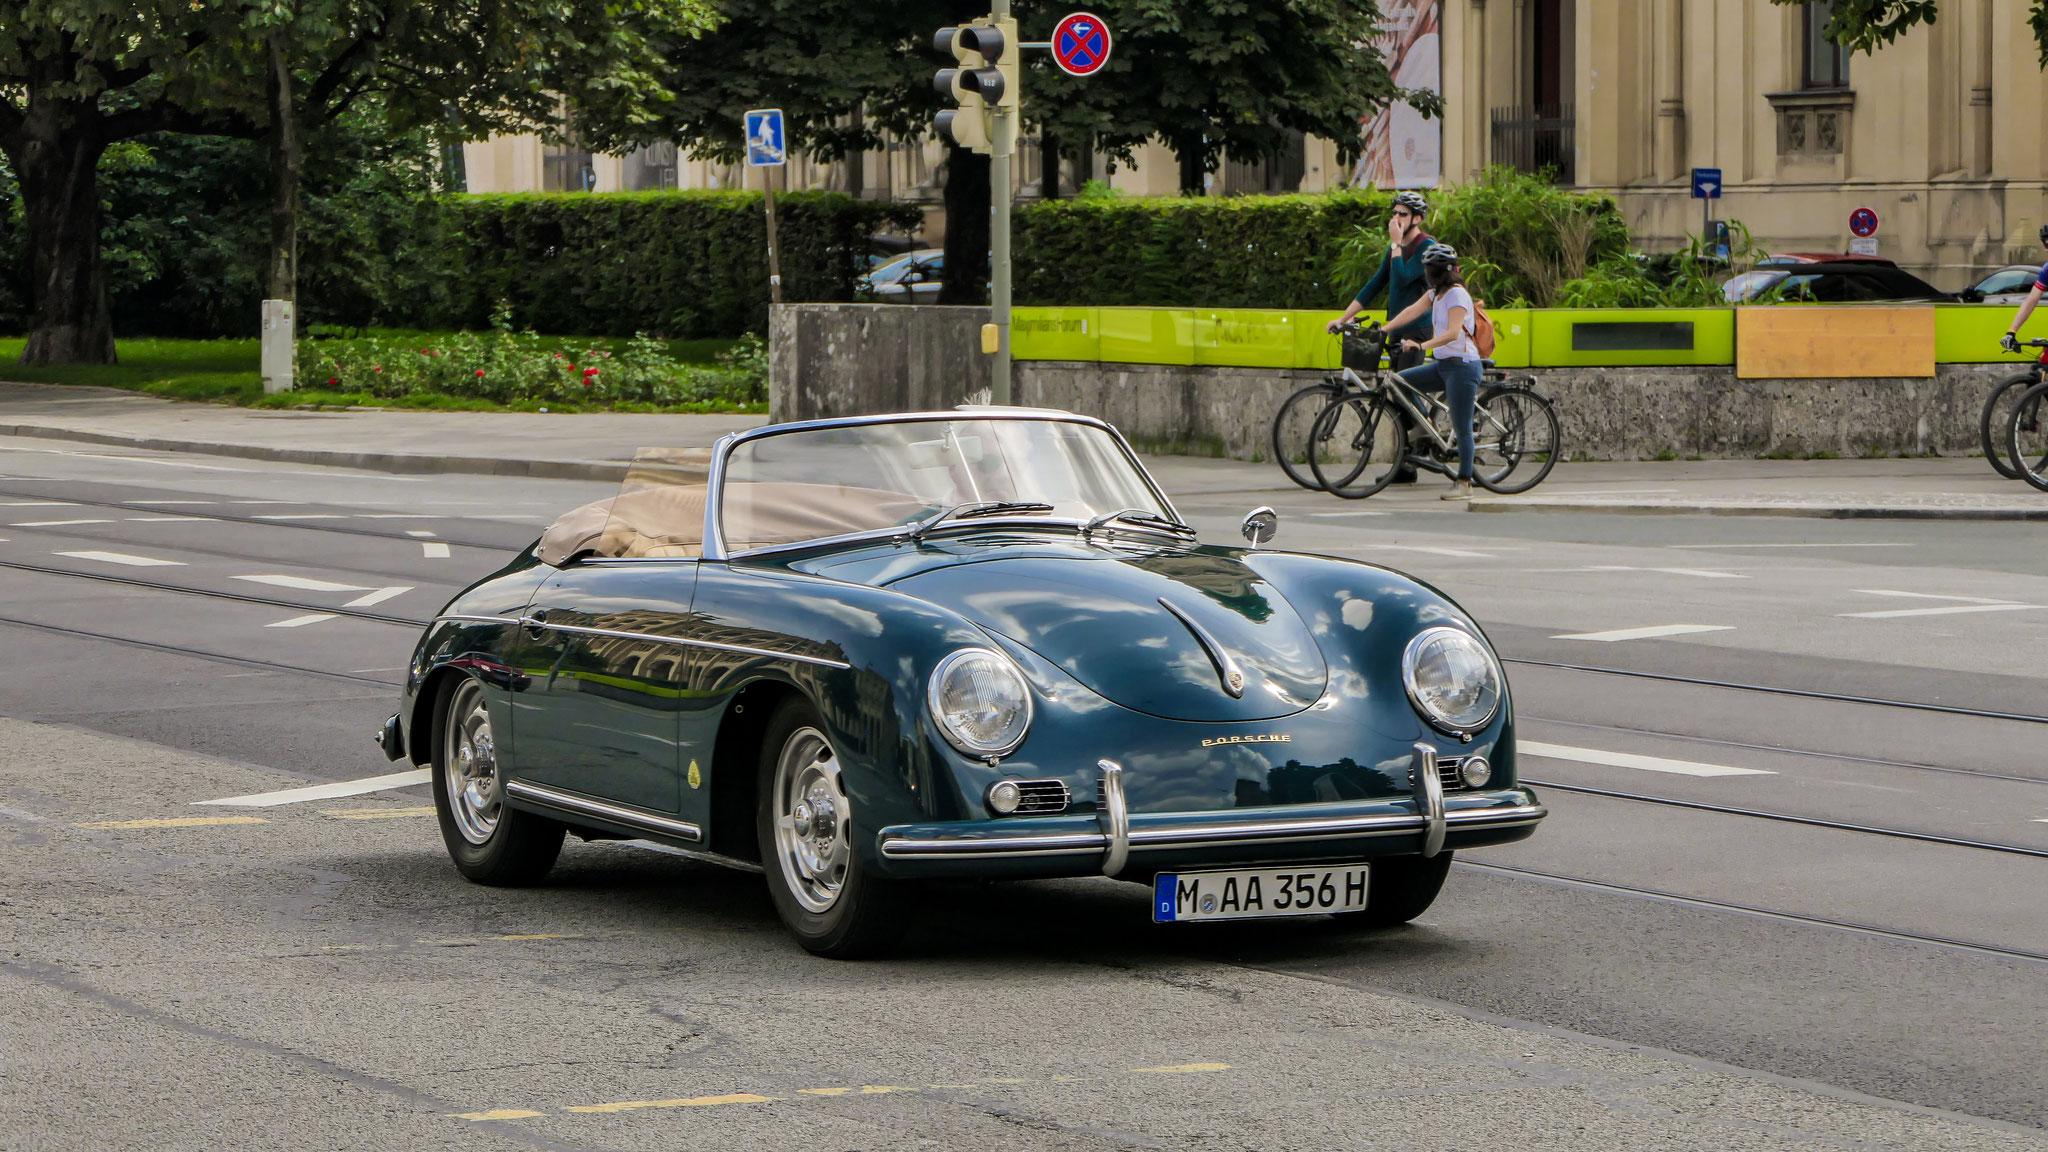 Porsche 356 1600 Speedster - M-AA-356H